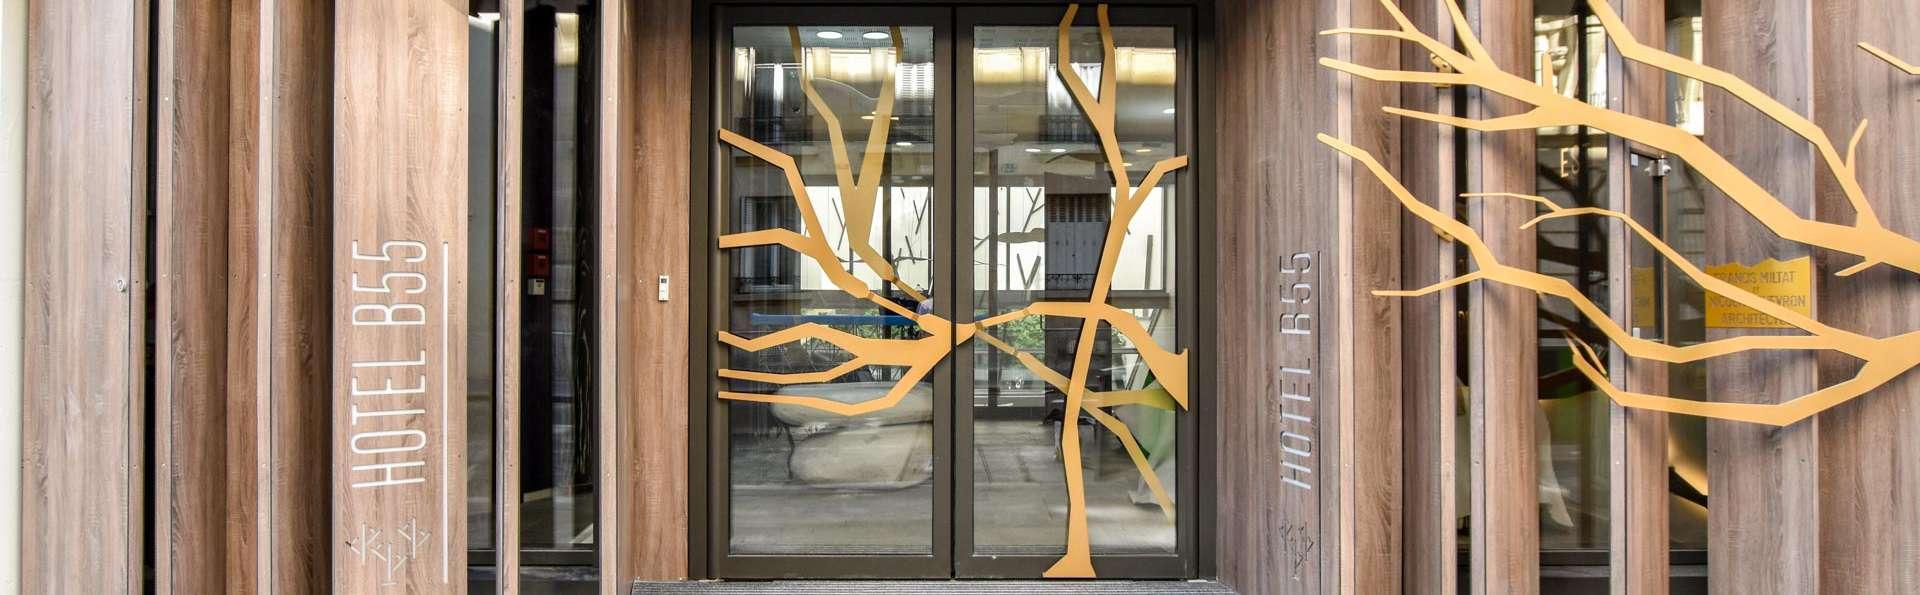 Séjour détente dans un hôtel design de Paris